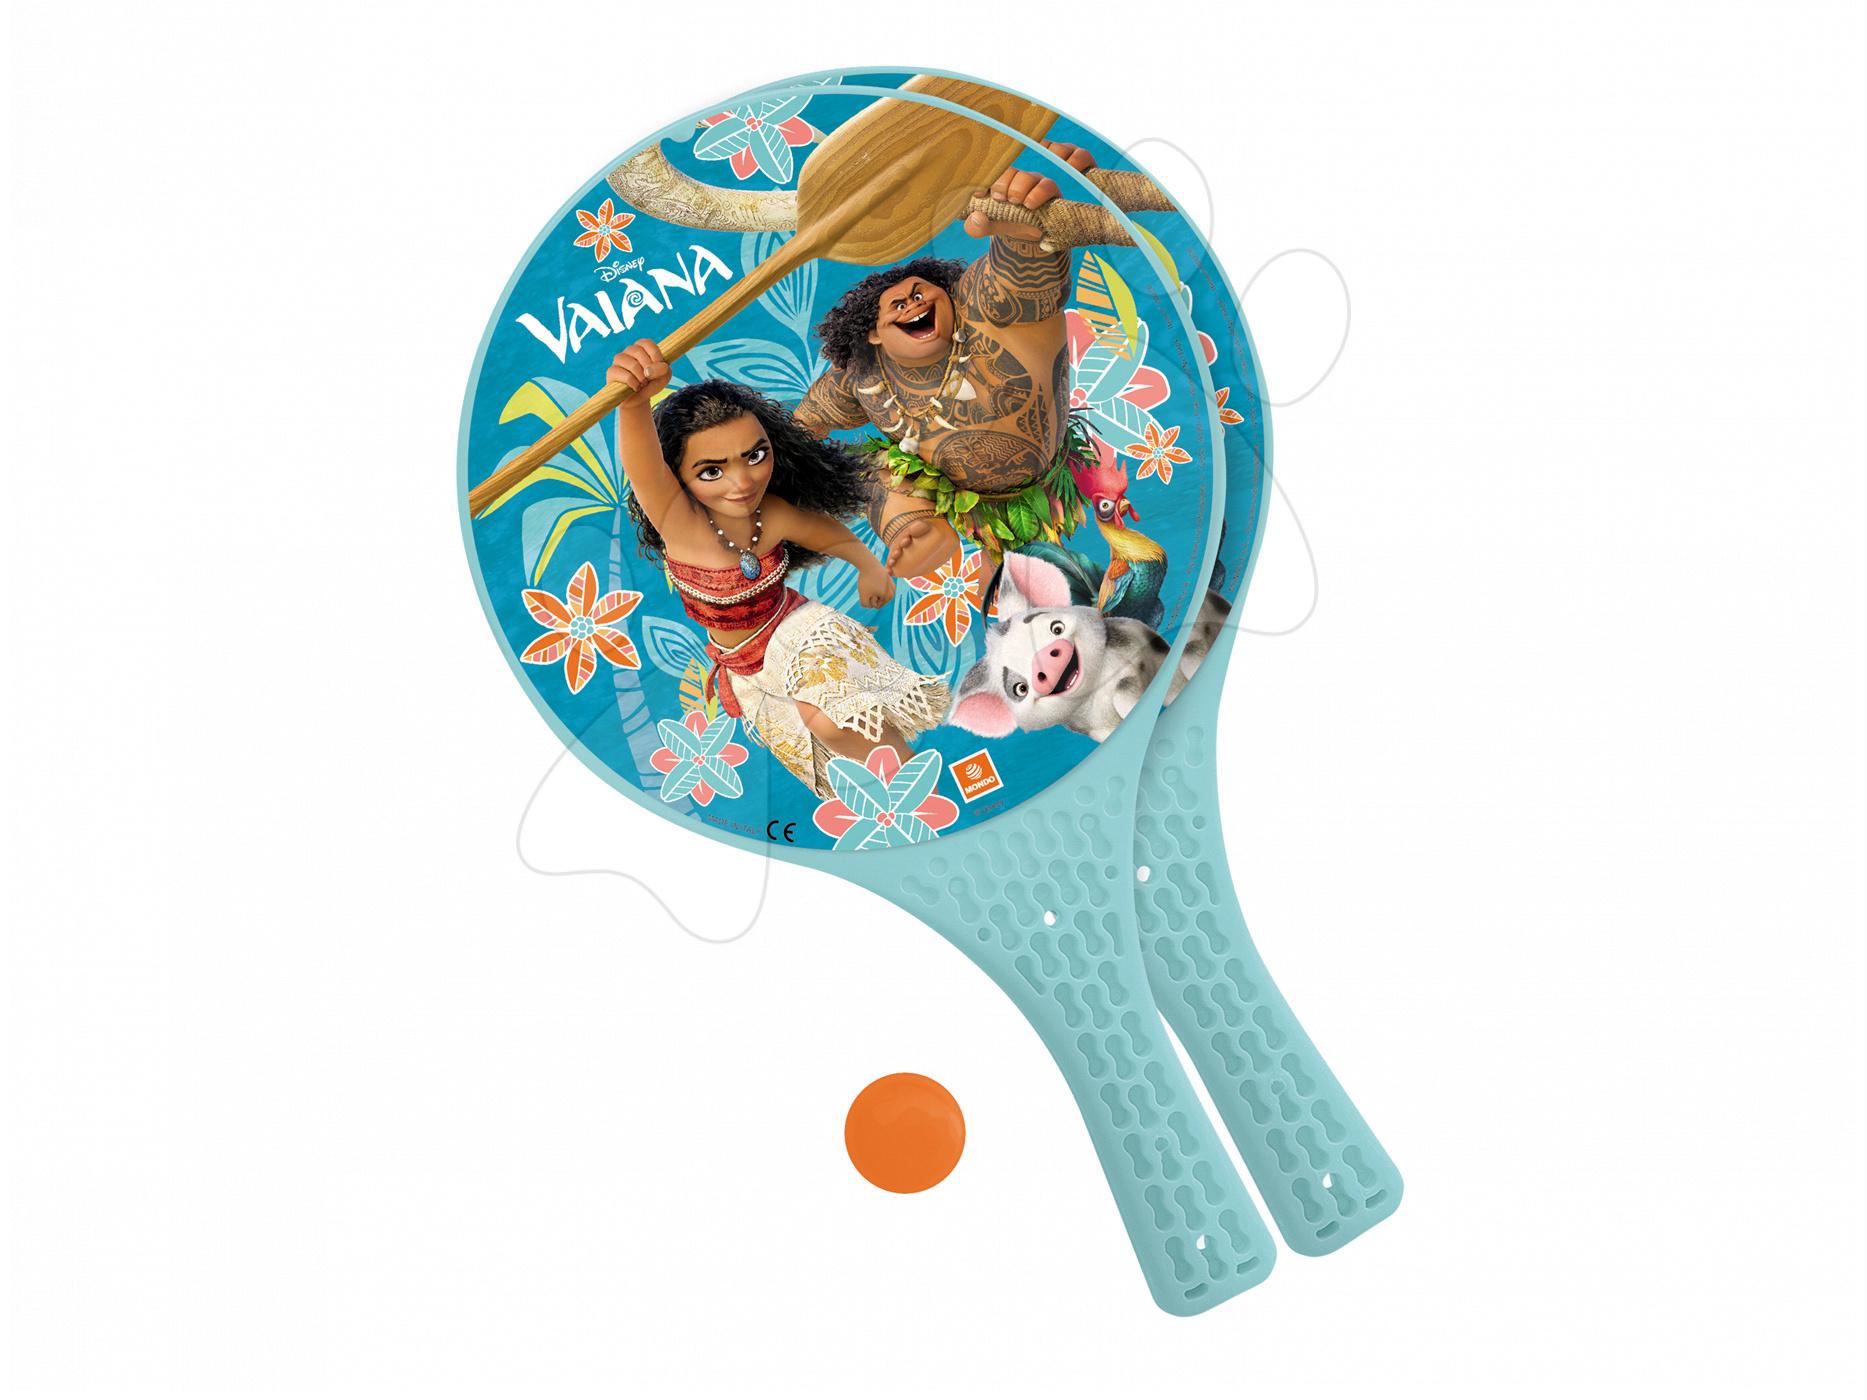 Plážový tenis Vaiana Mondo s 2 raketami a loptičkou